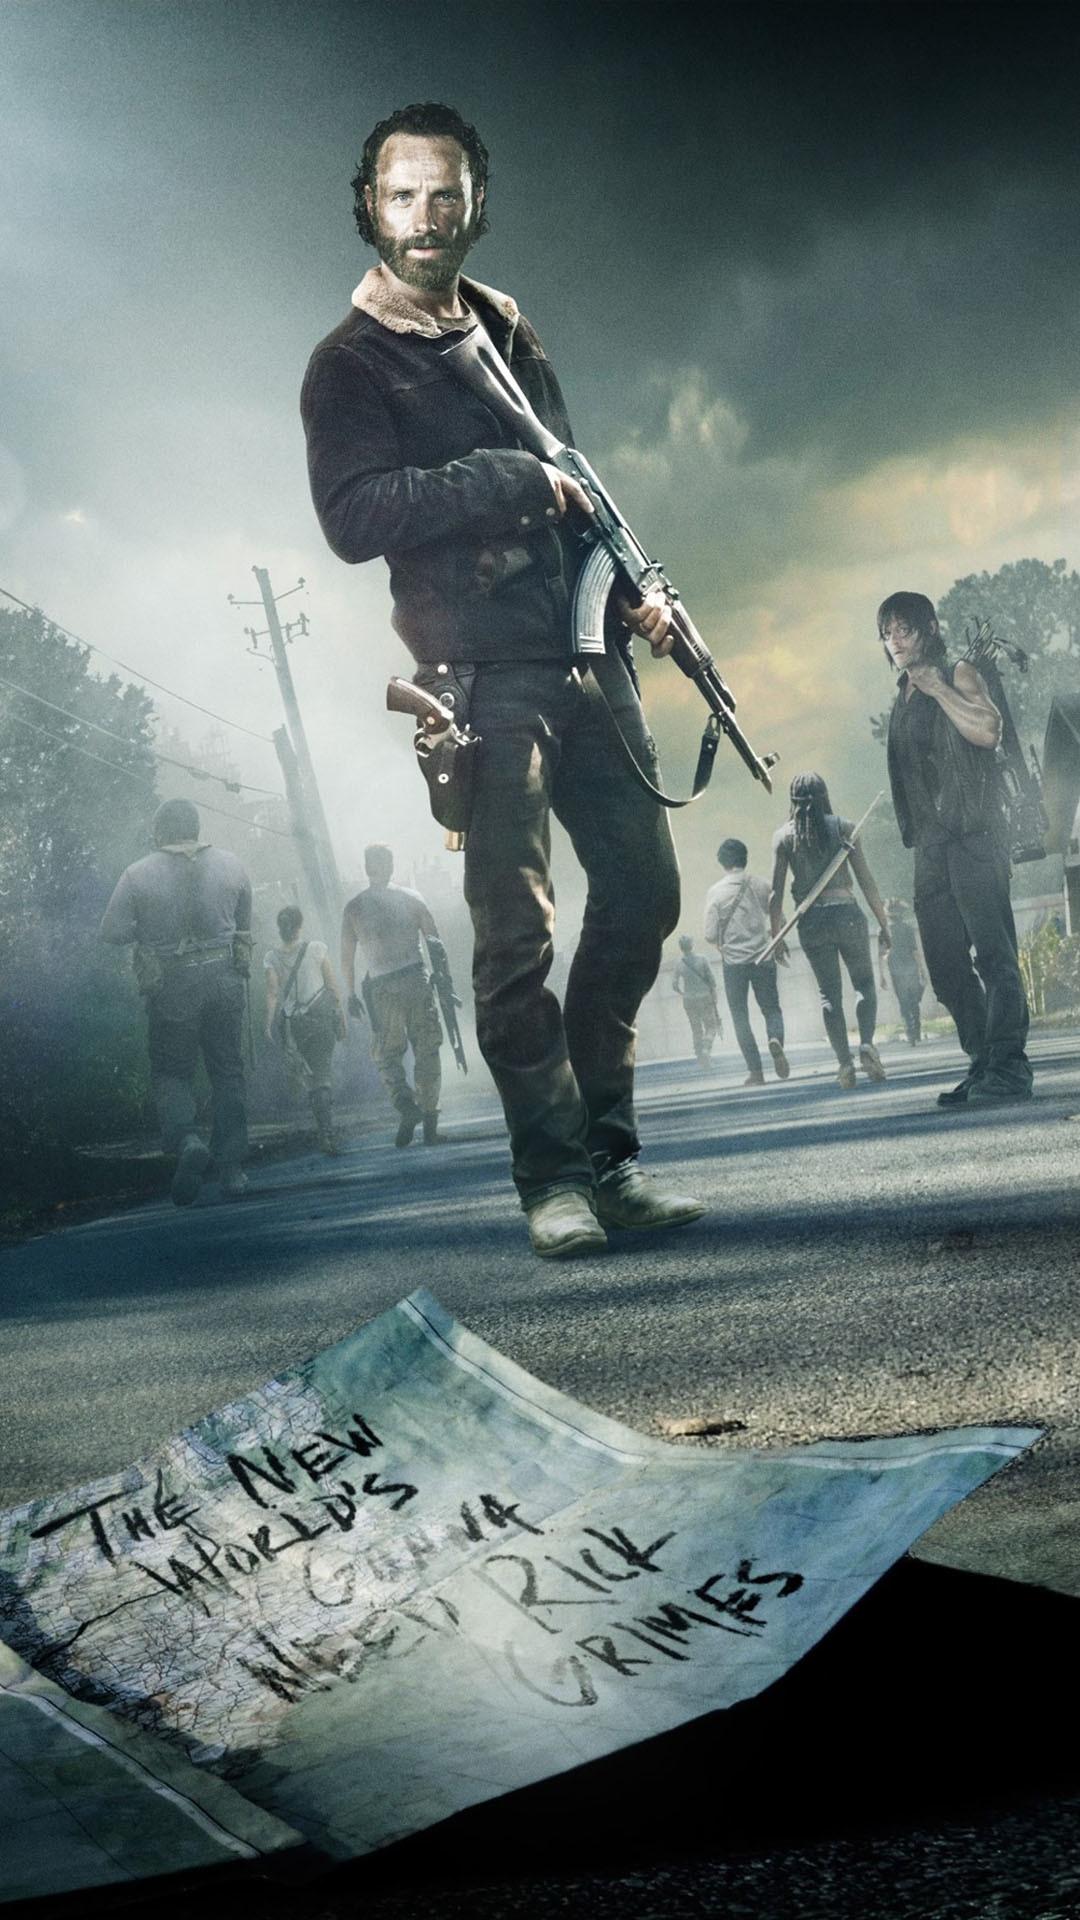 The Walking Dead Iphone Wallpaper